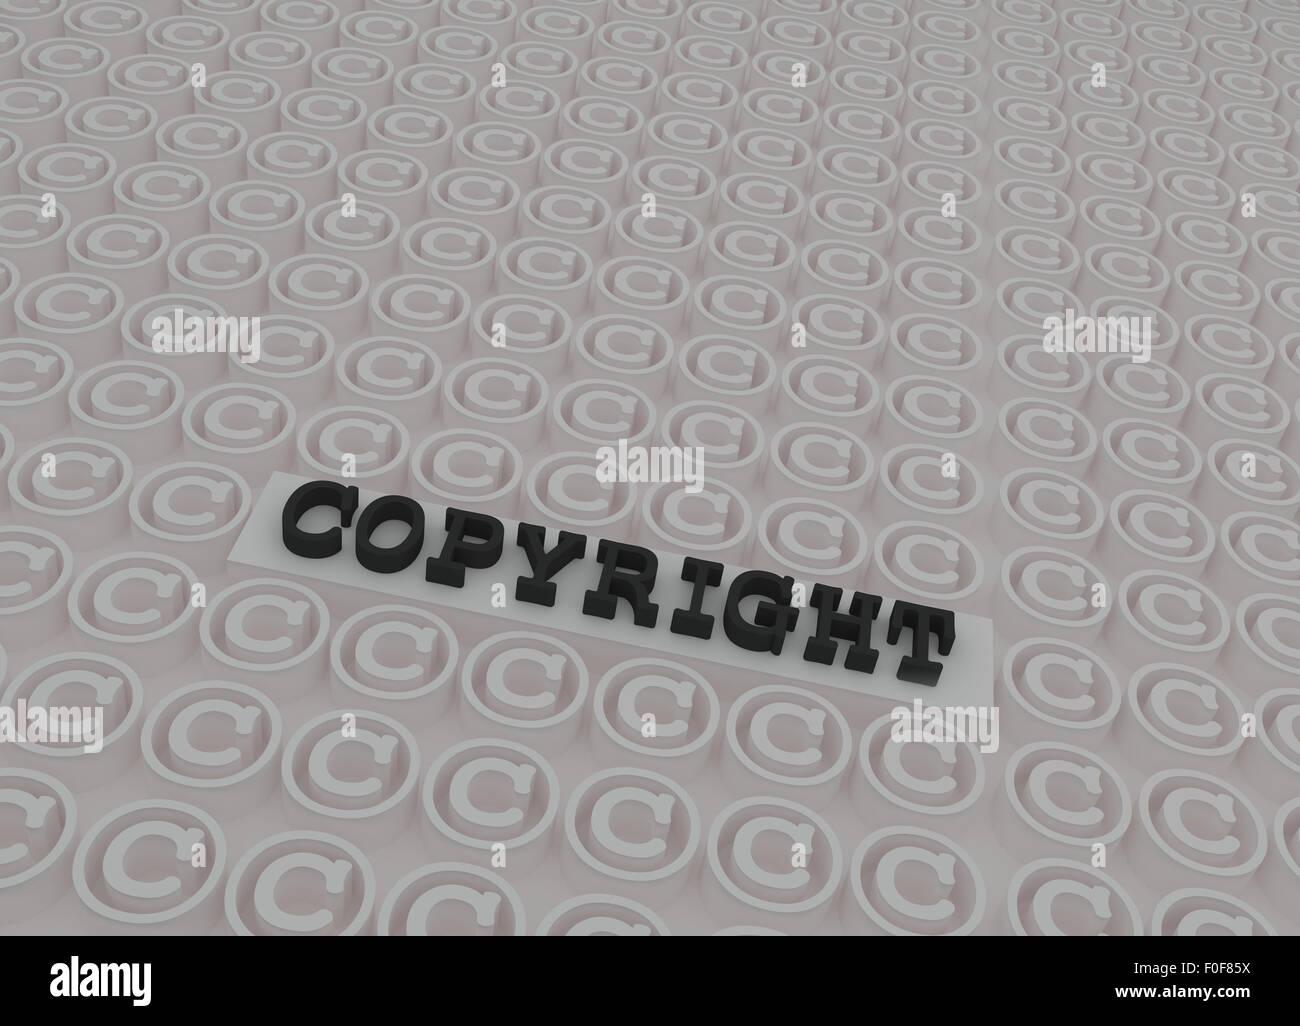 Schwarz 3d copyright text auf der Plattform in 3d Copyright weiße Symbole. Stockfoto